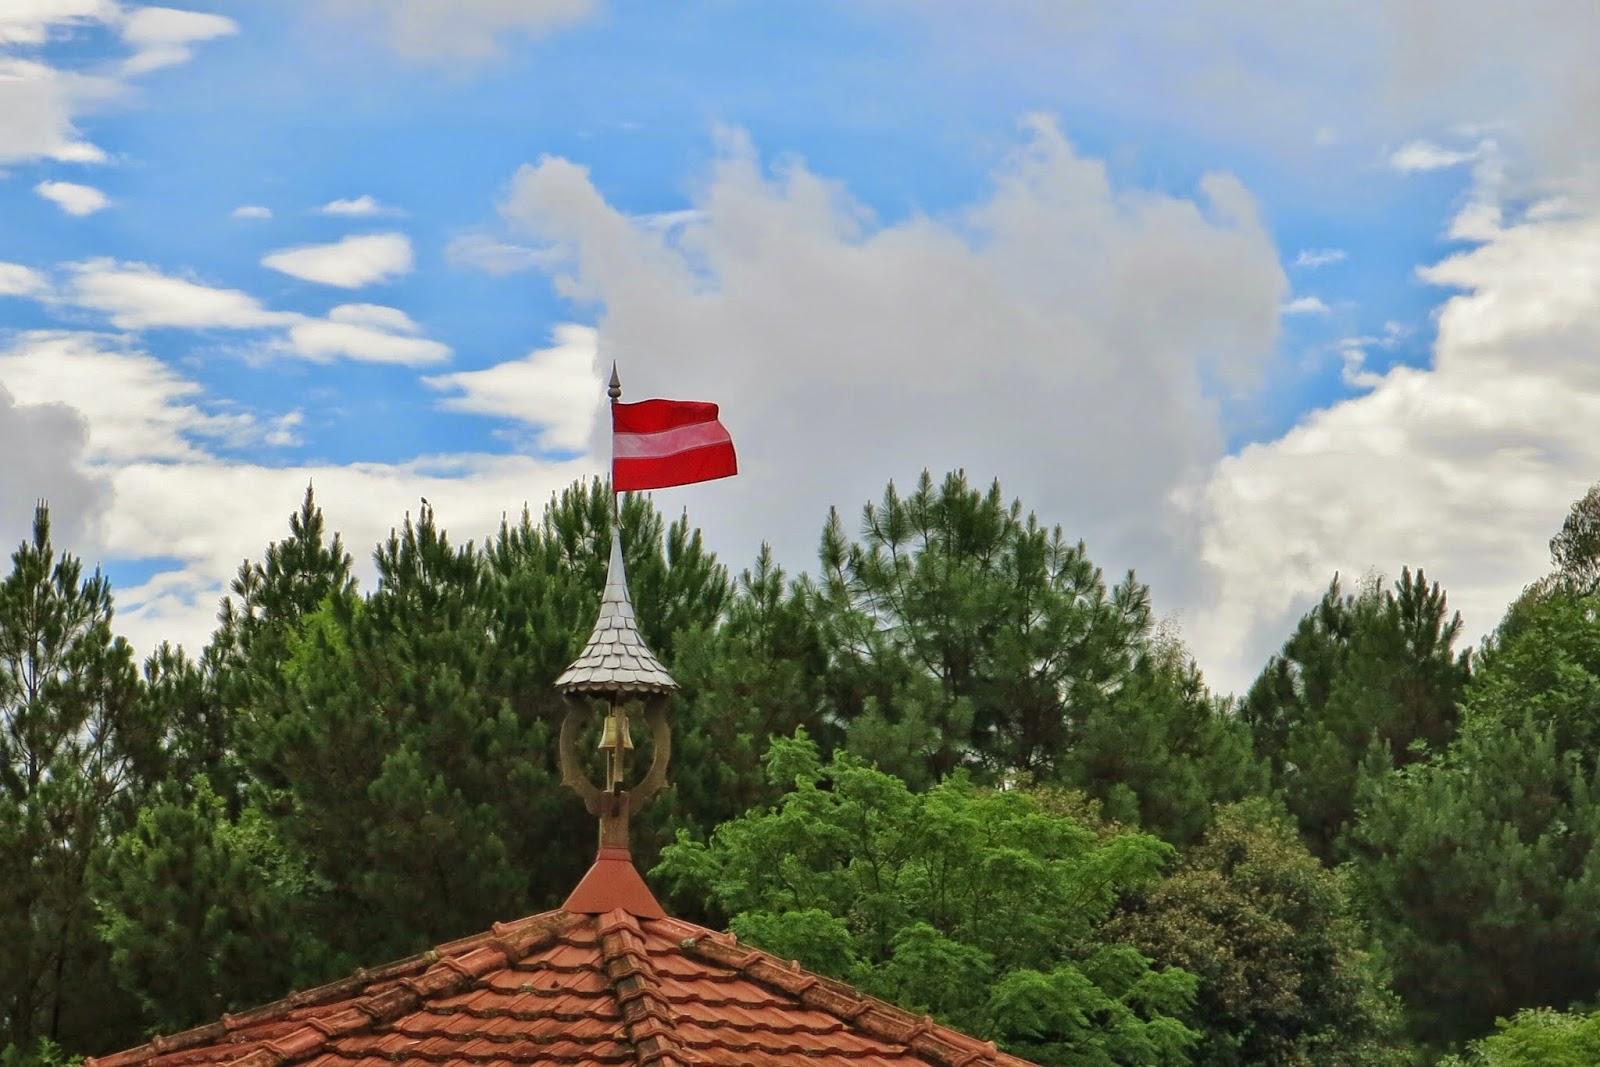 Bandeira da Áustria, no Parque Lindendorf, em Treze Tílias